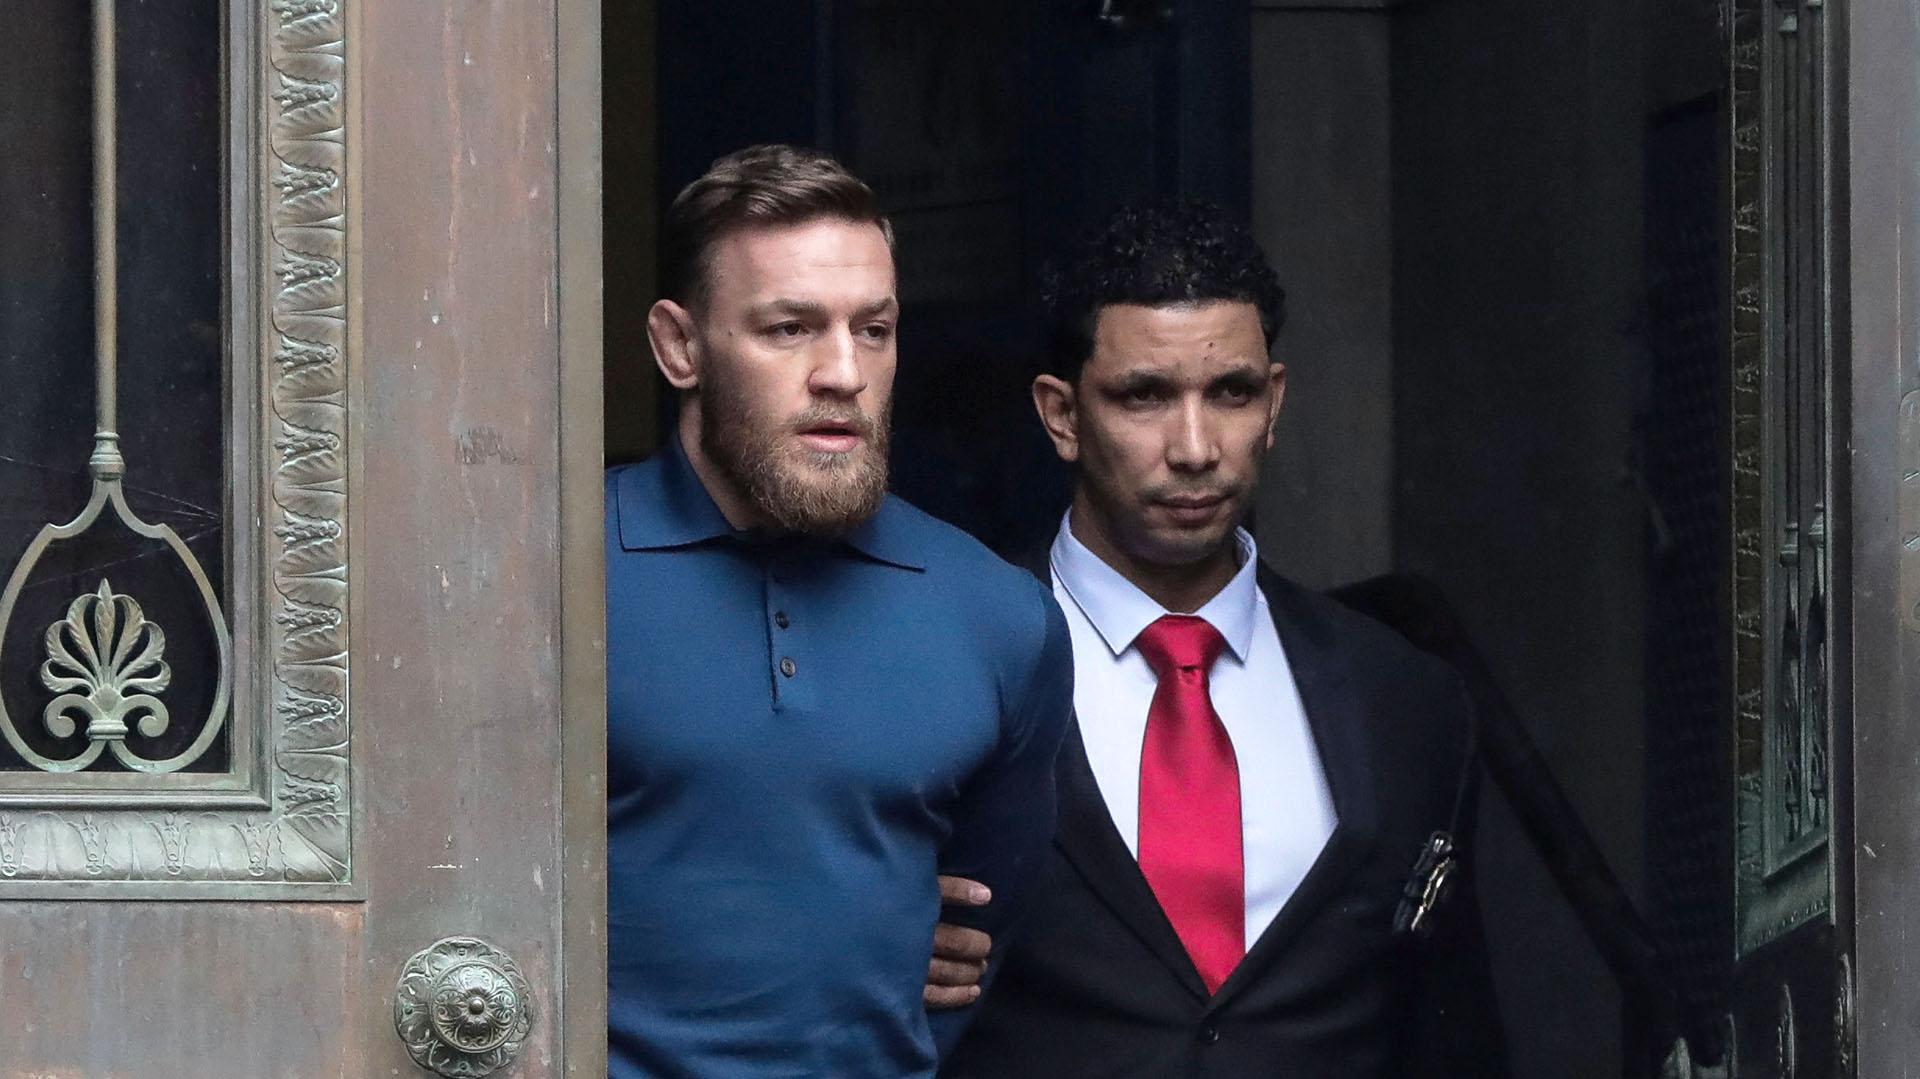 El momento en el que Conor McGregor sale esposado deun juzgado en Nueva York (Reuters/Jeenah Moon)